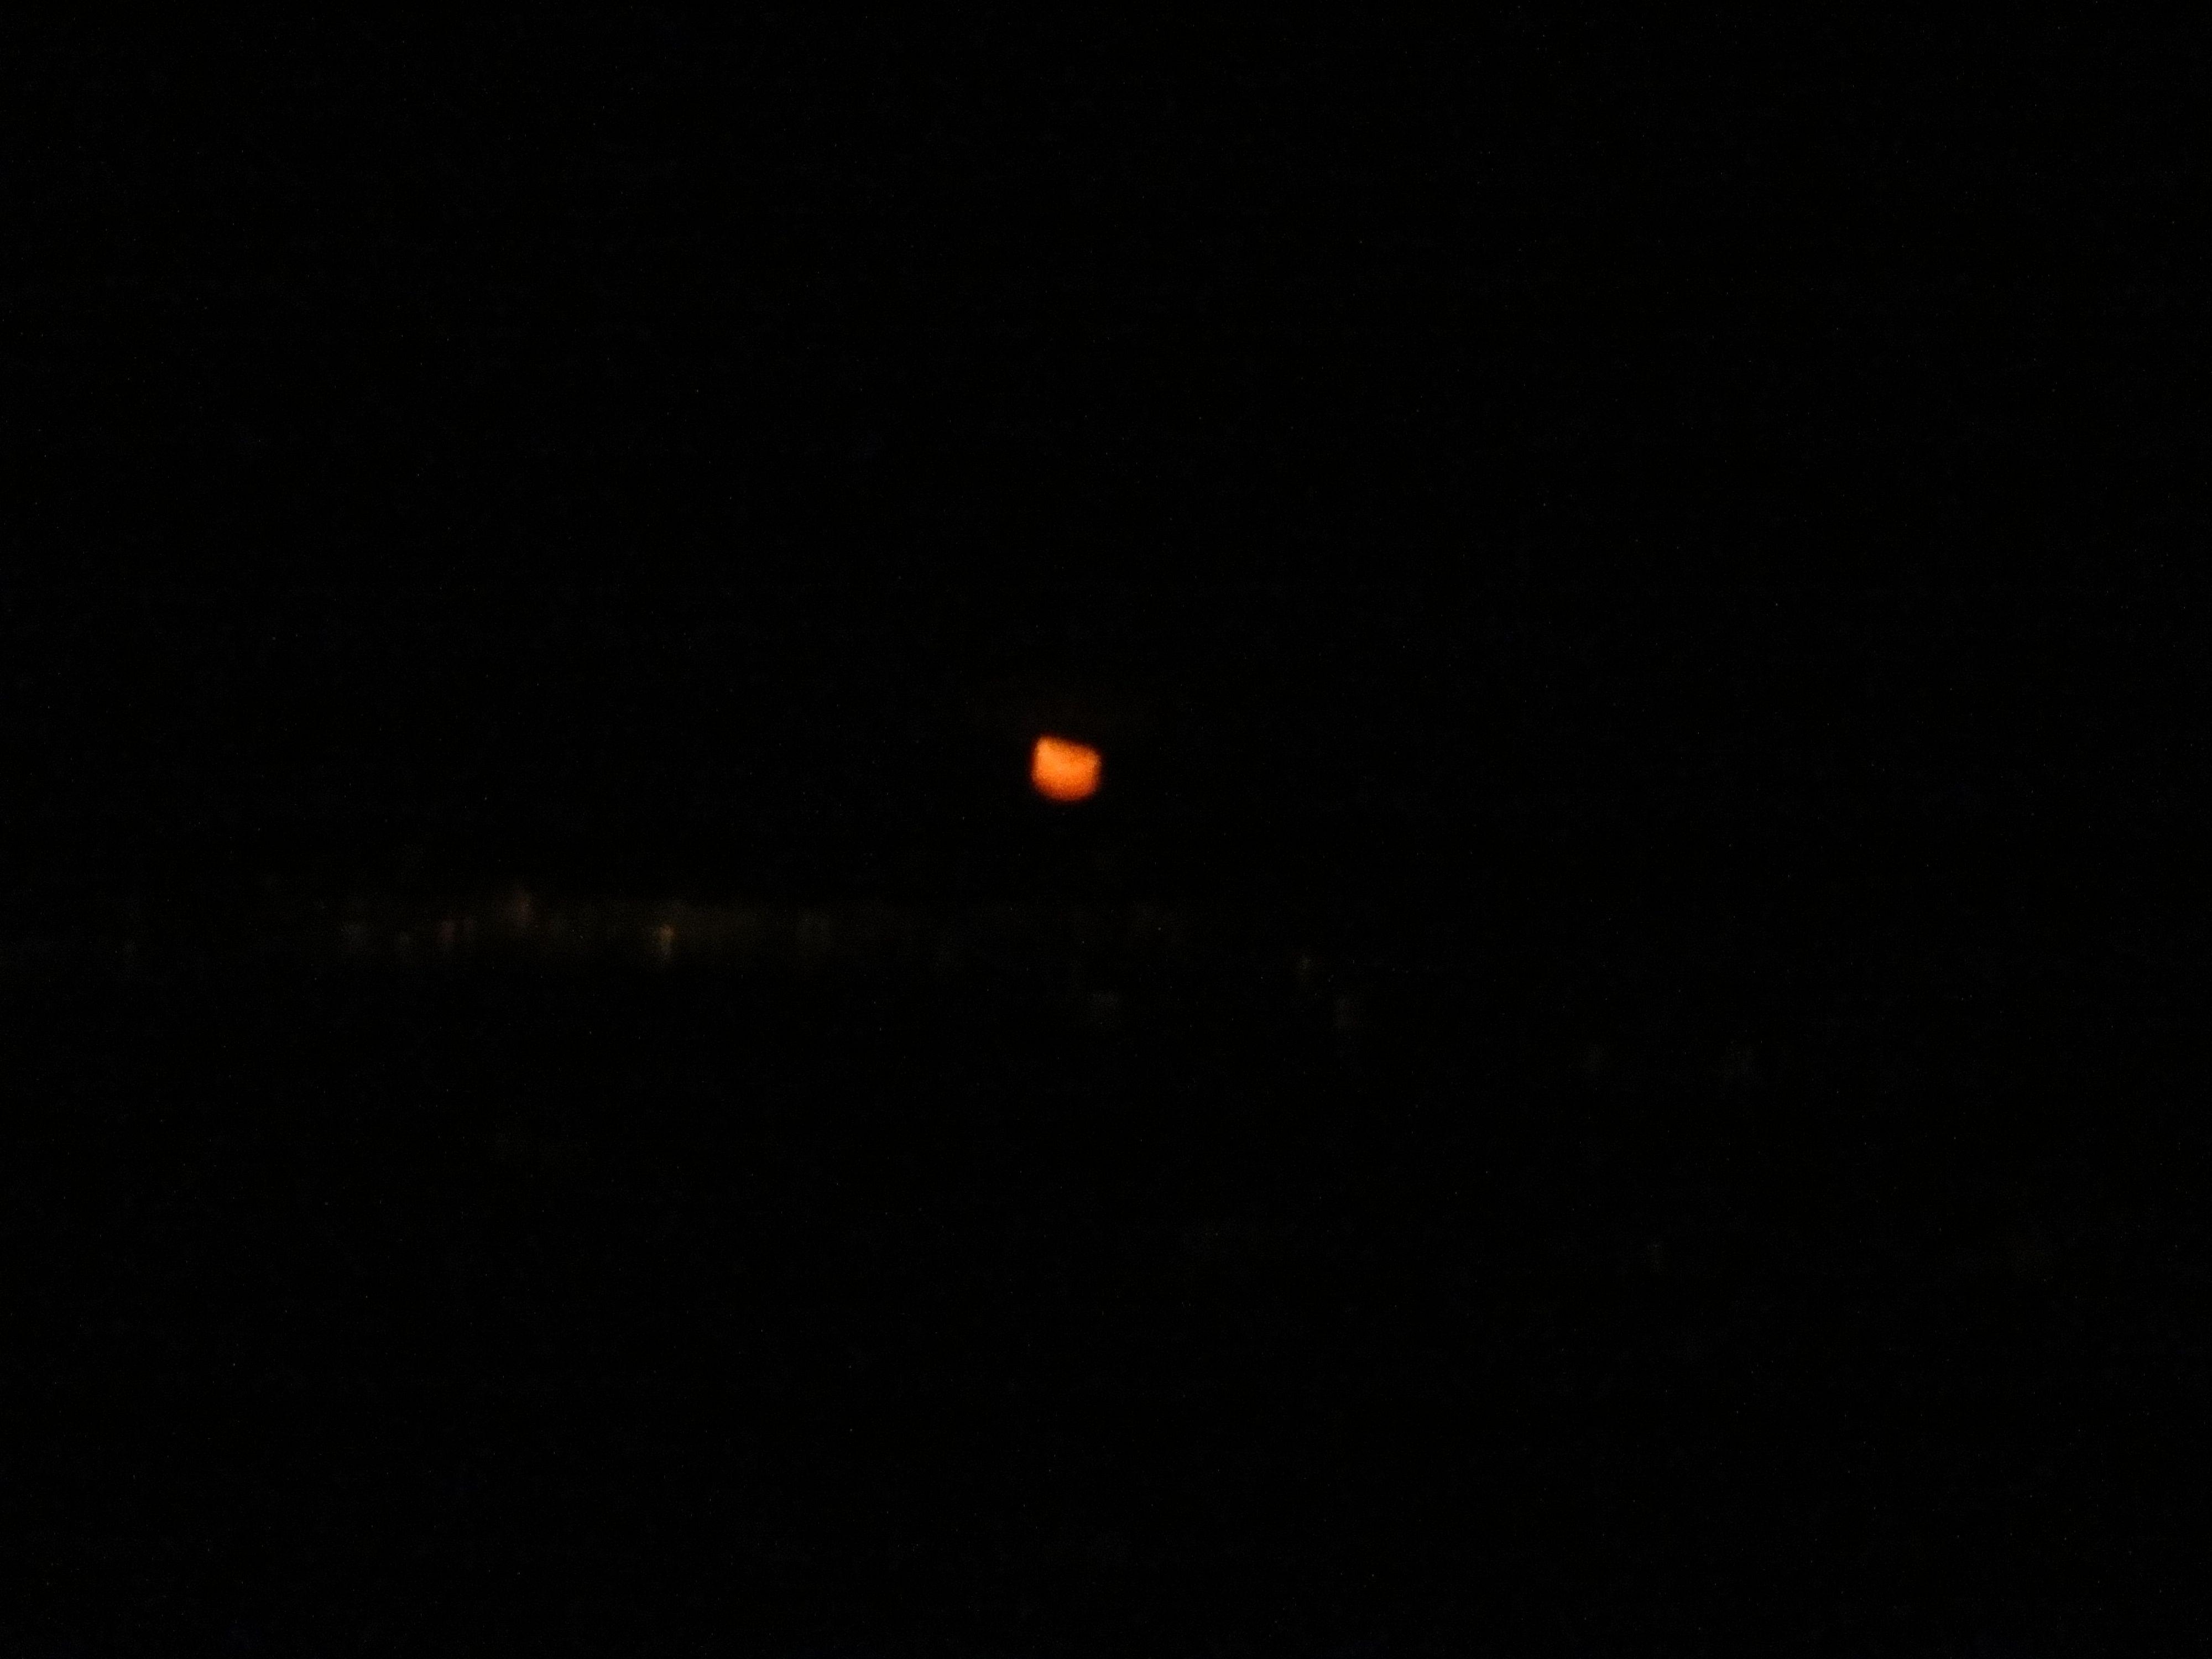 Manches sieht man unterm Weihnachtsbaum am Gabentisch nicht: Mondaufgang in knallorange über der dichten Wolkendecke.